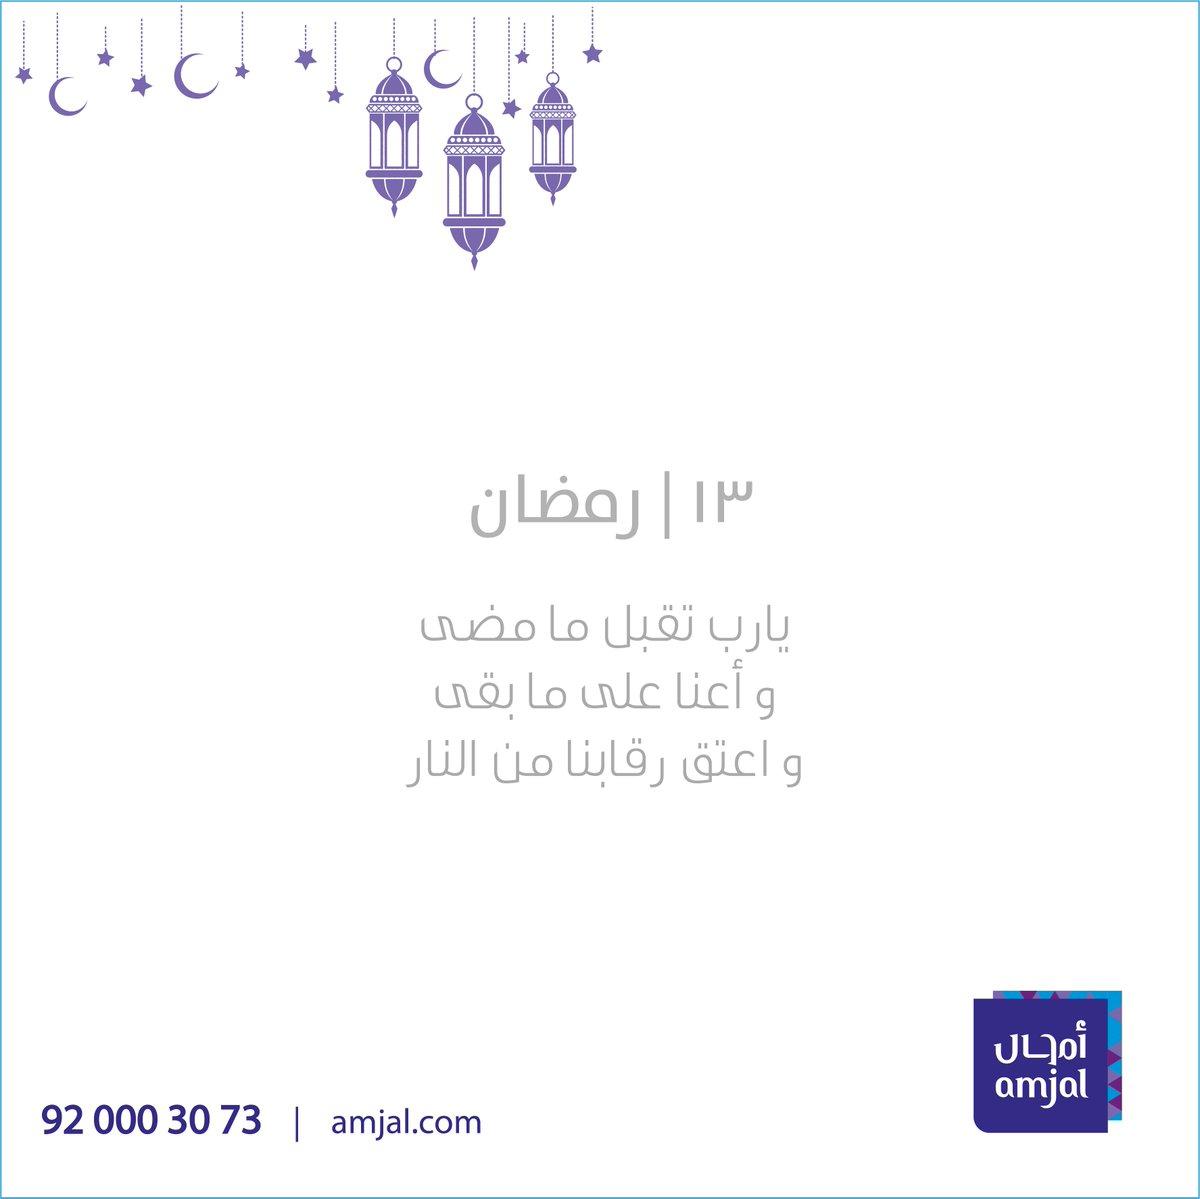 #دعاء_رمضان https://t.co/dDGhUC7KXW